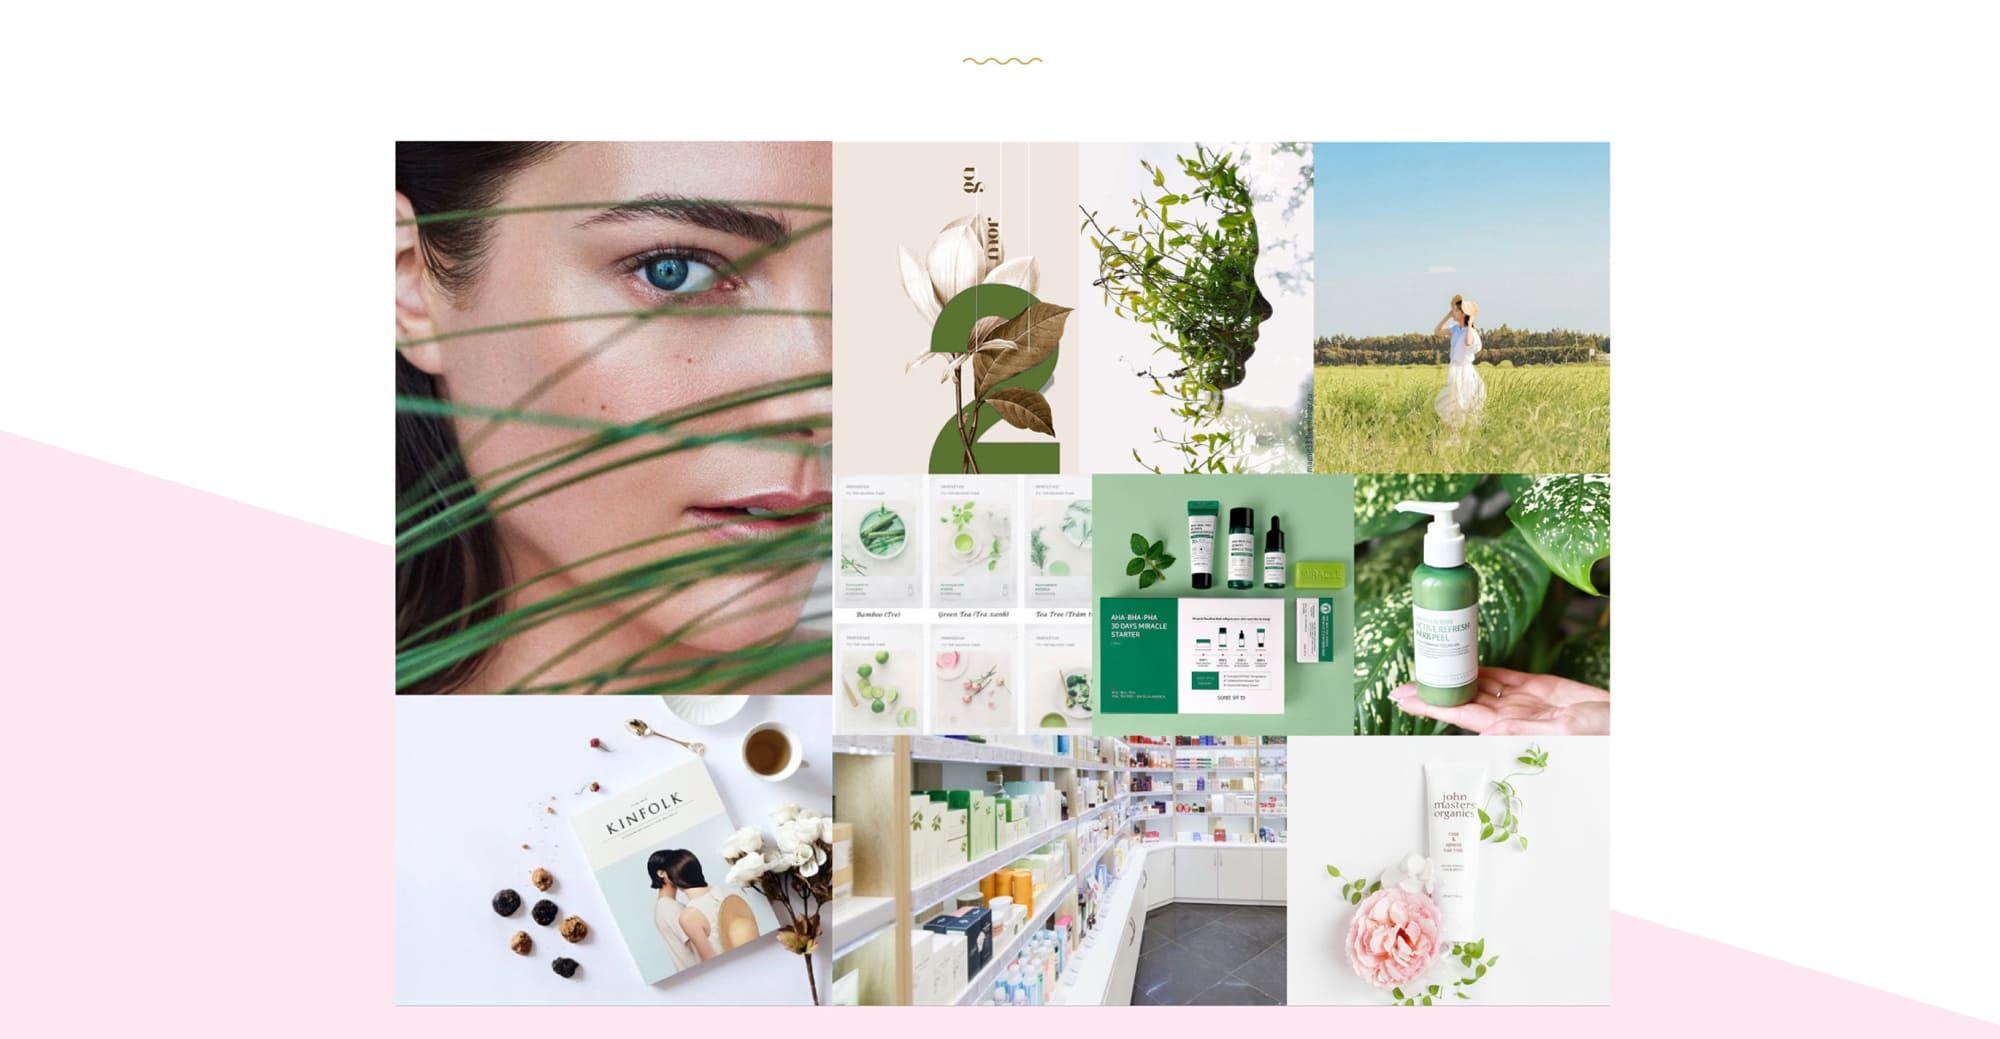 Создание бренда магазина косметики брендинг под ключ мудборд проекта